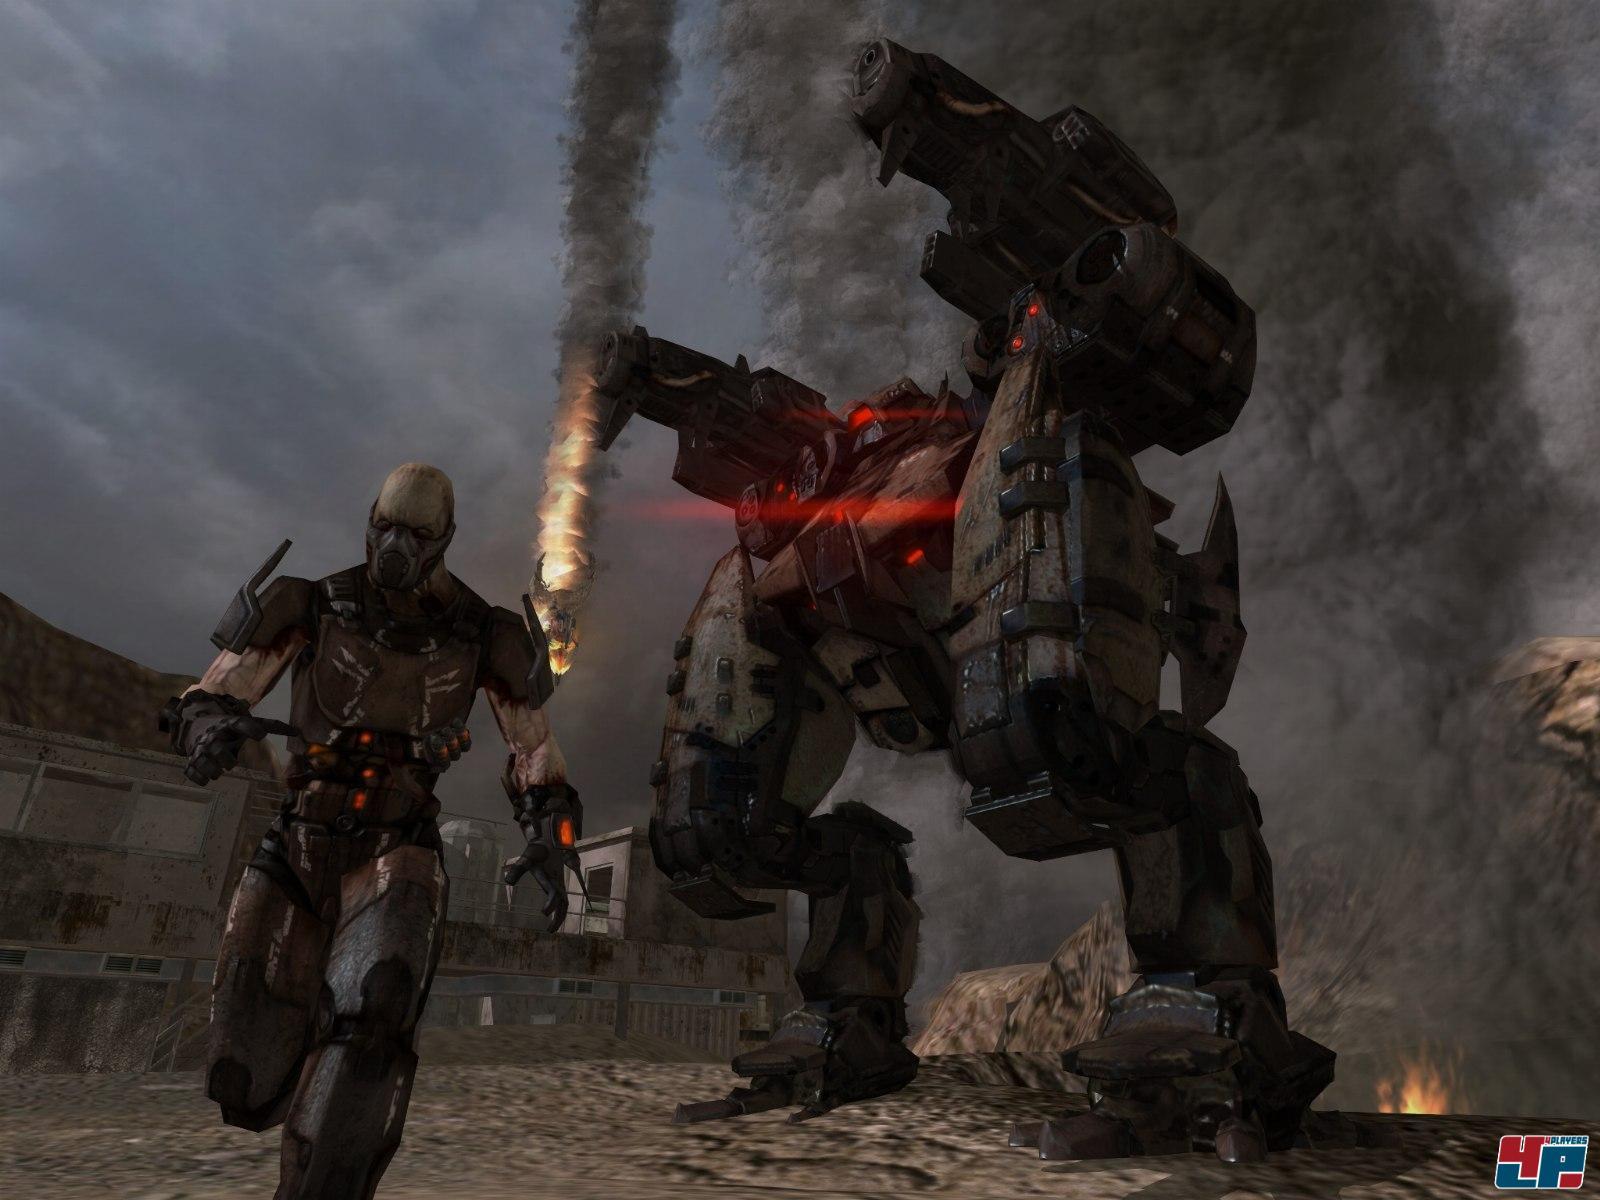 12 августа - После вчерашней премьеры мультиплеера в игре Quake 4